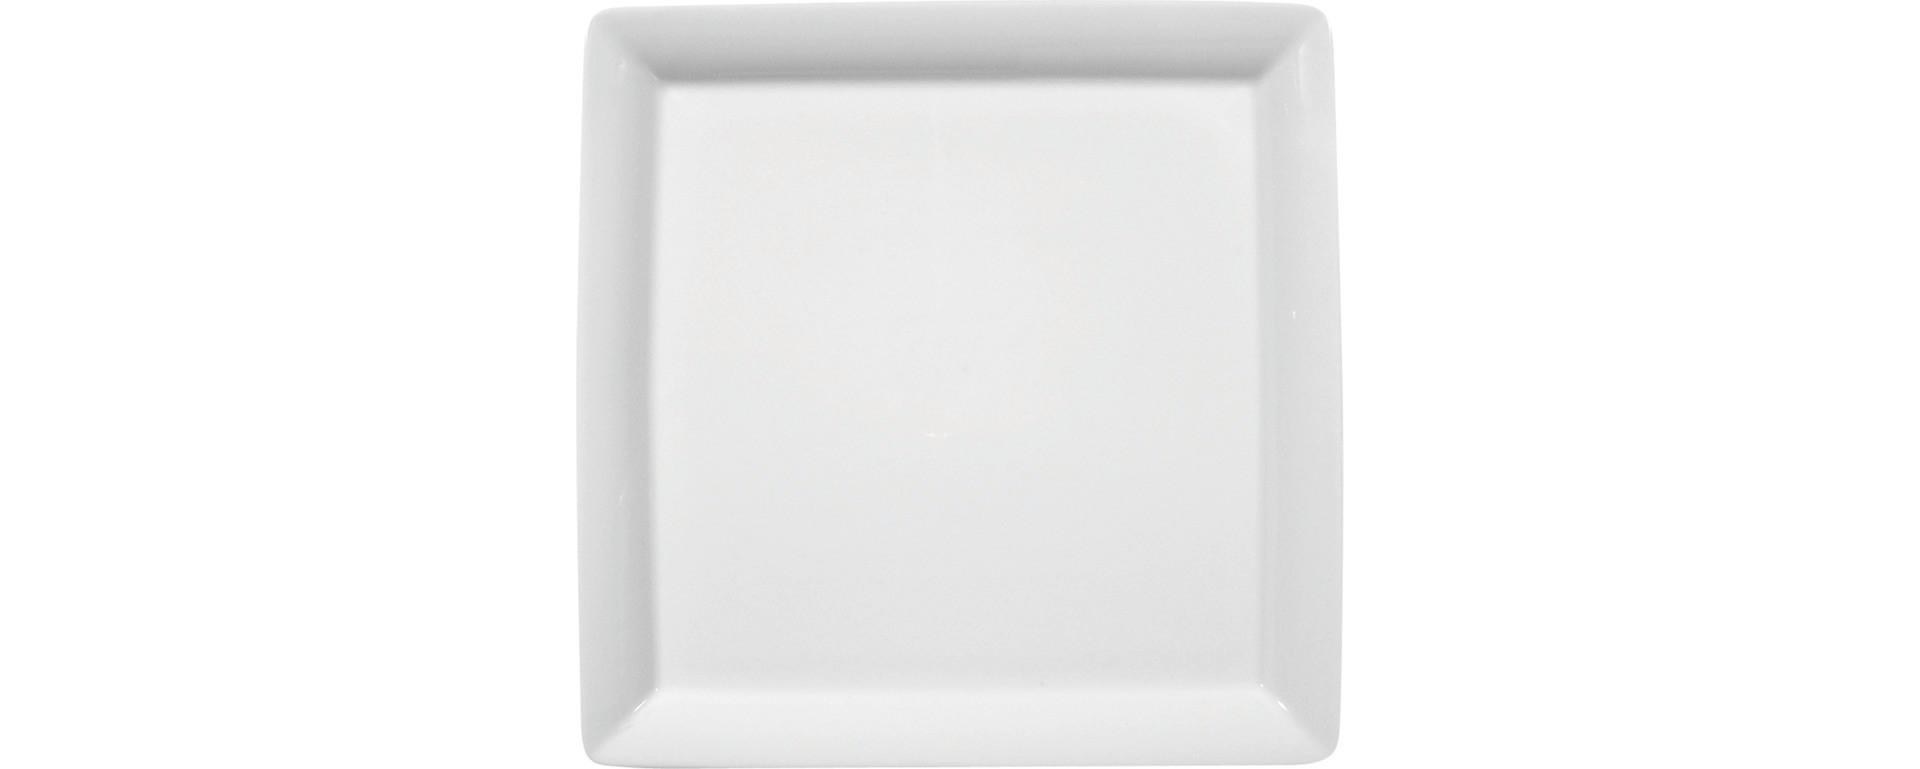 Buffet Gourmet, Platte quadratisch 250 x 250 mm